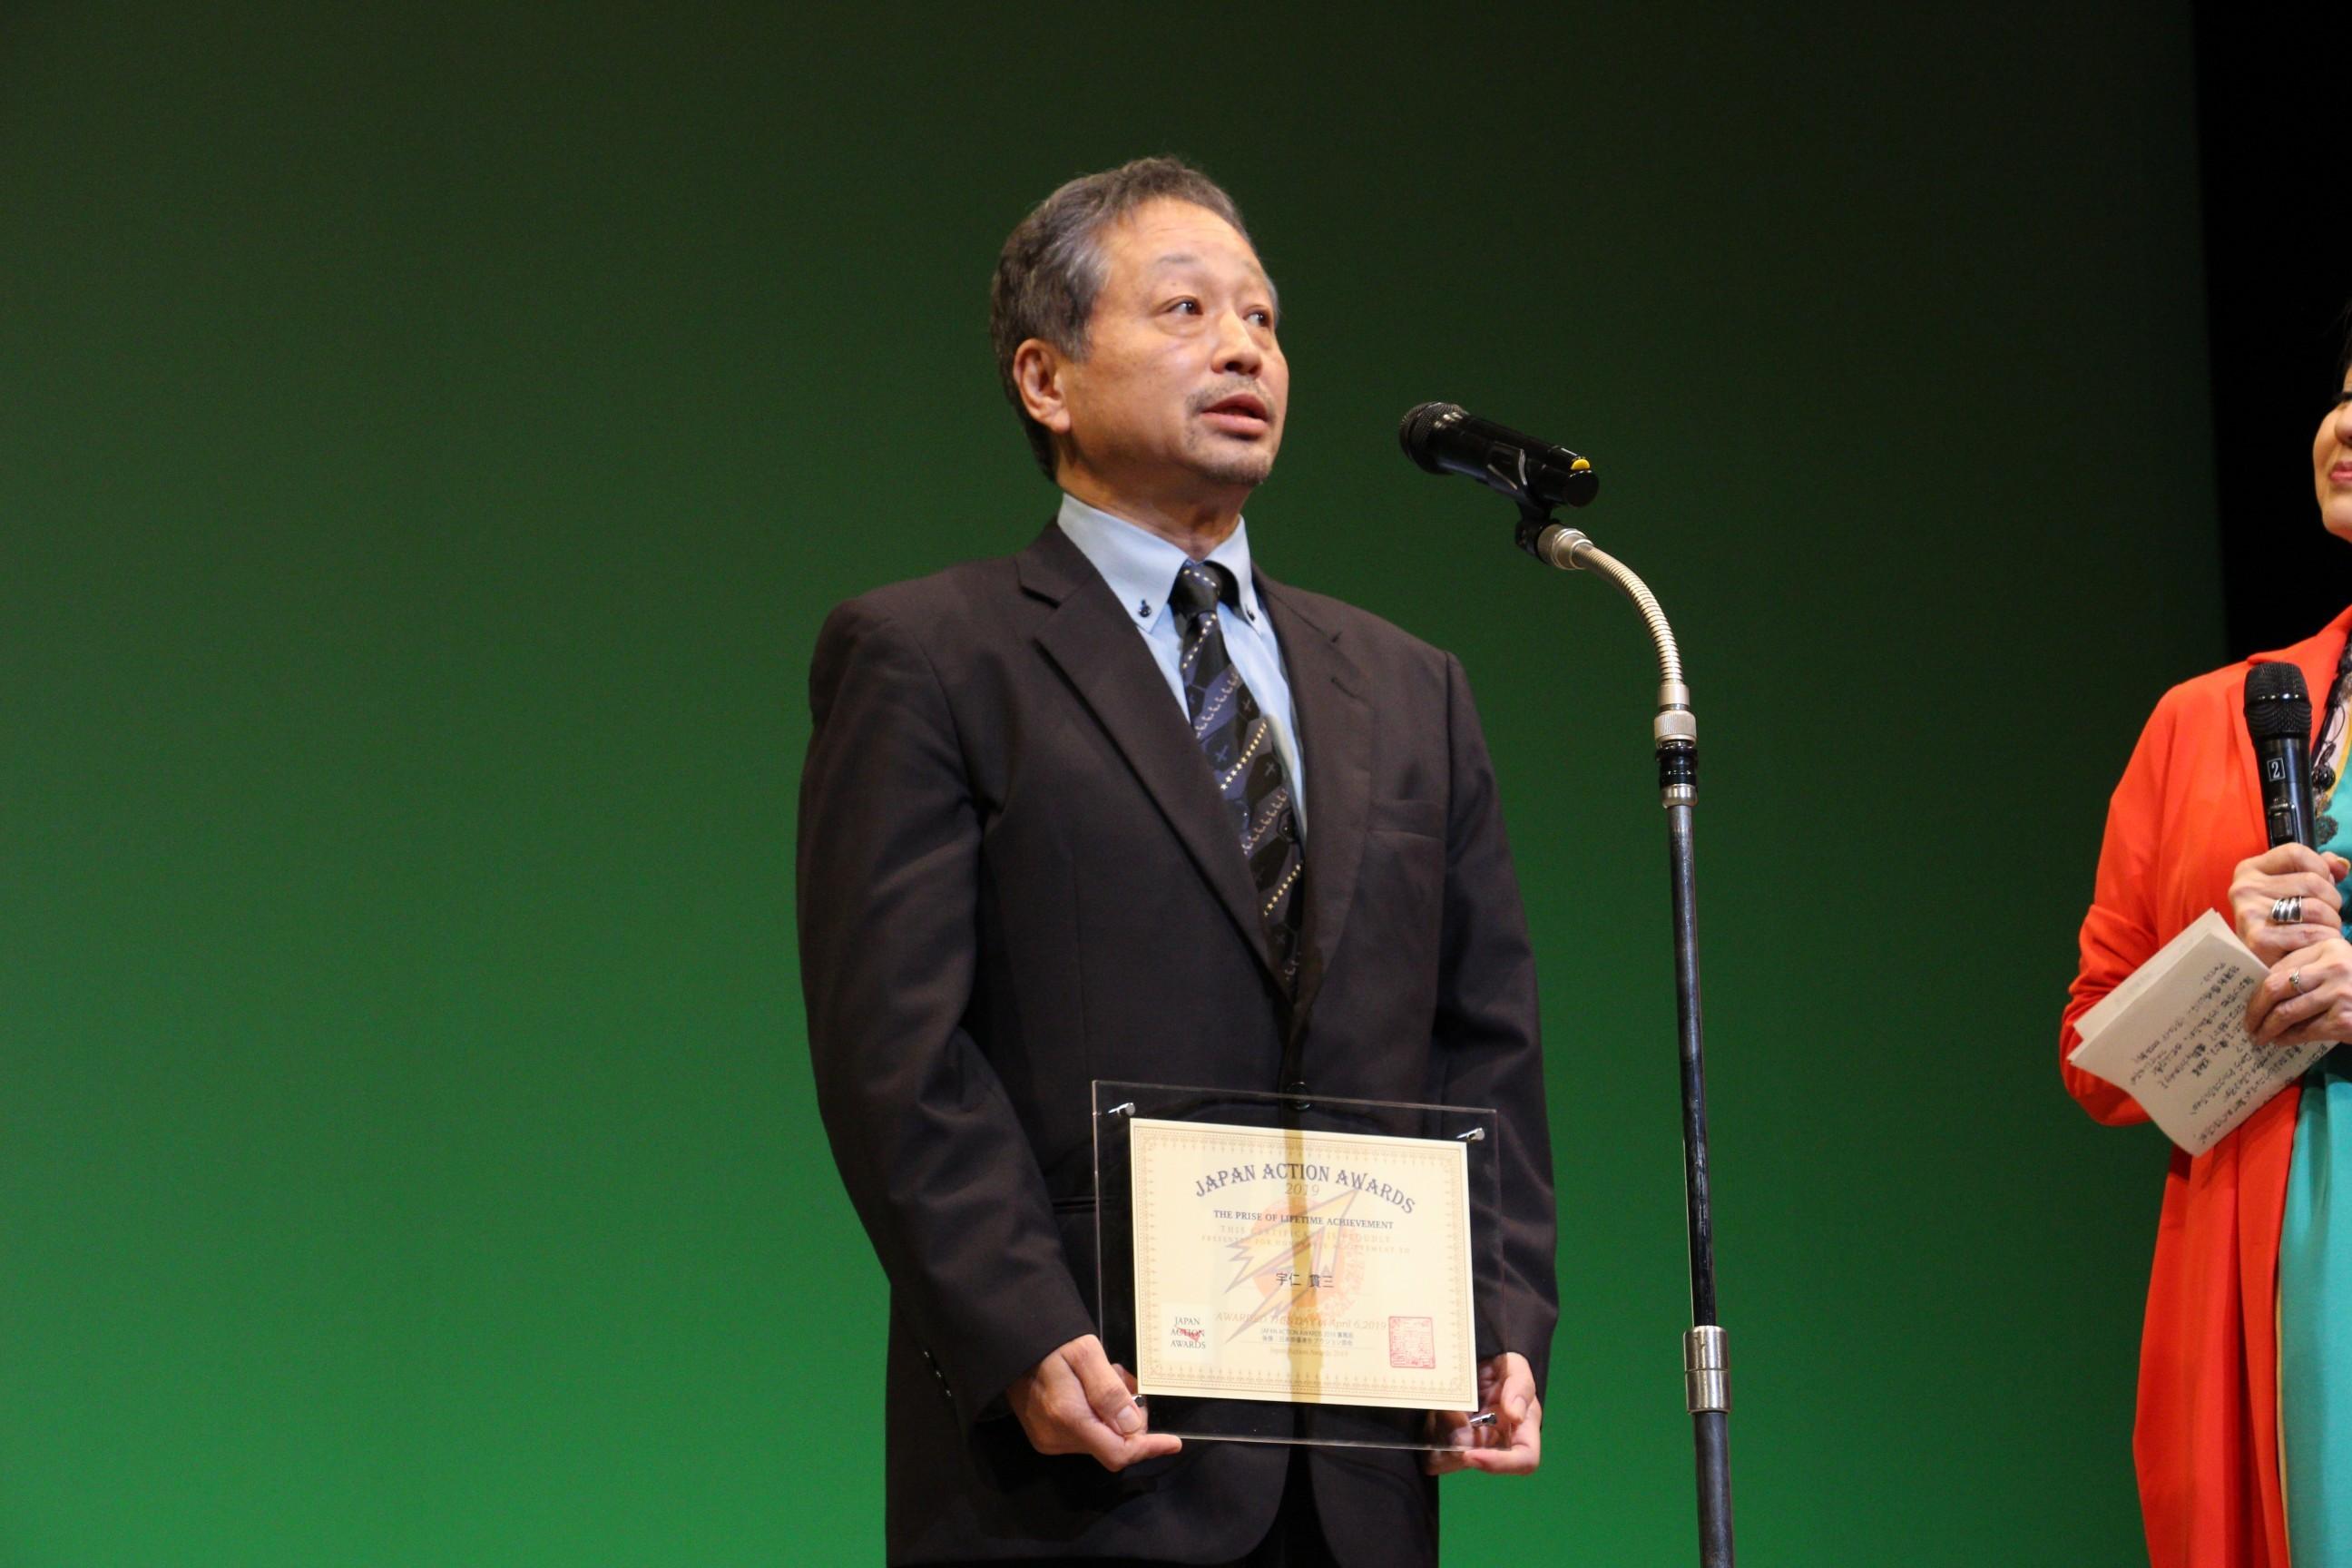 宇仁貫三さんの弟子、俳優・円堂耕成